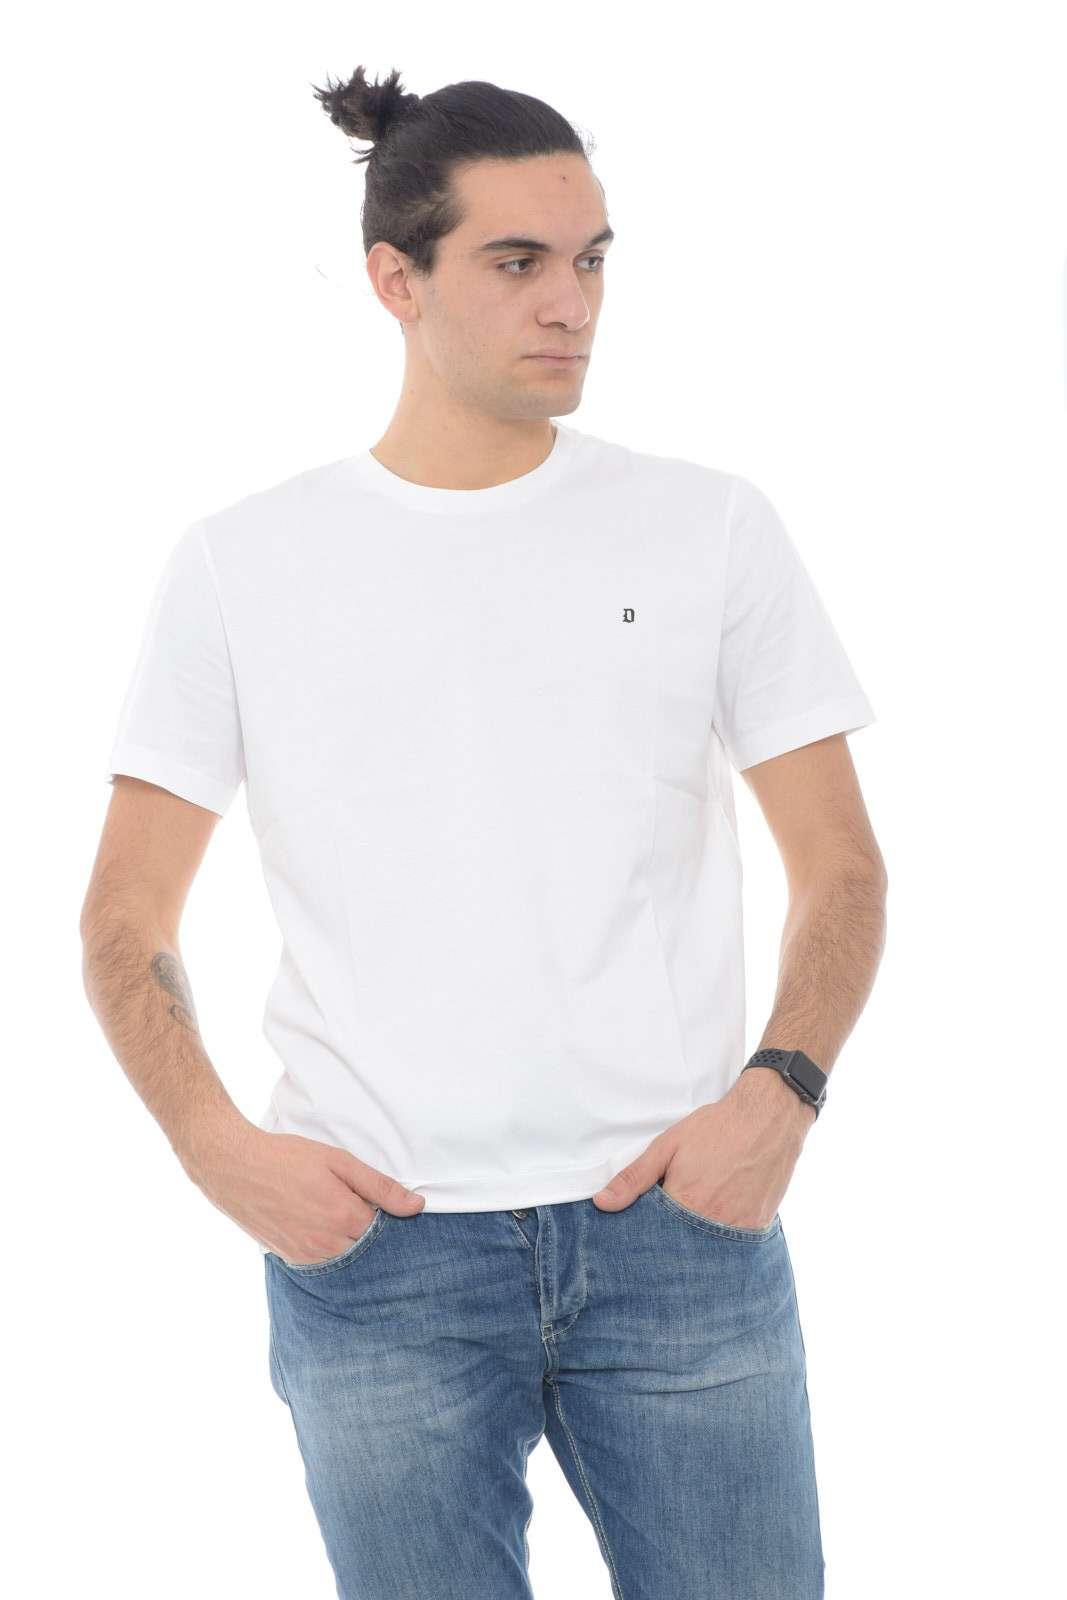 Basic e comoda la T shirt firmata dalla collection uomo Dondup mette d'accordo tutti i gusti. Un pregiato jersey tinta unita e dalla linea minimal fa da padrone su una vestibilità regular. Il piccolo logo al petto la rende raffinata e adatta ad ogni occasione.